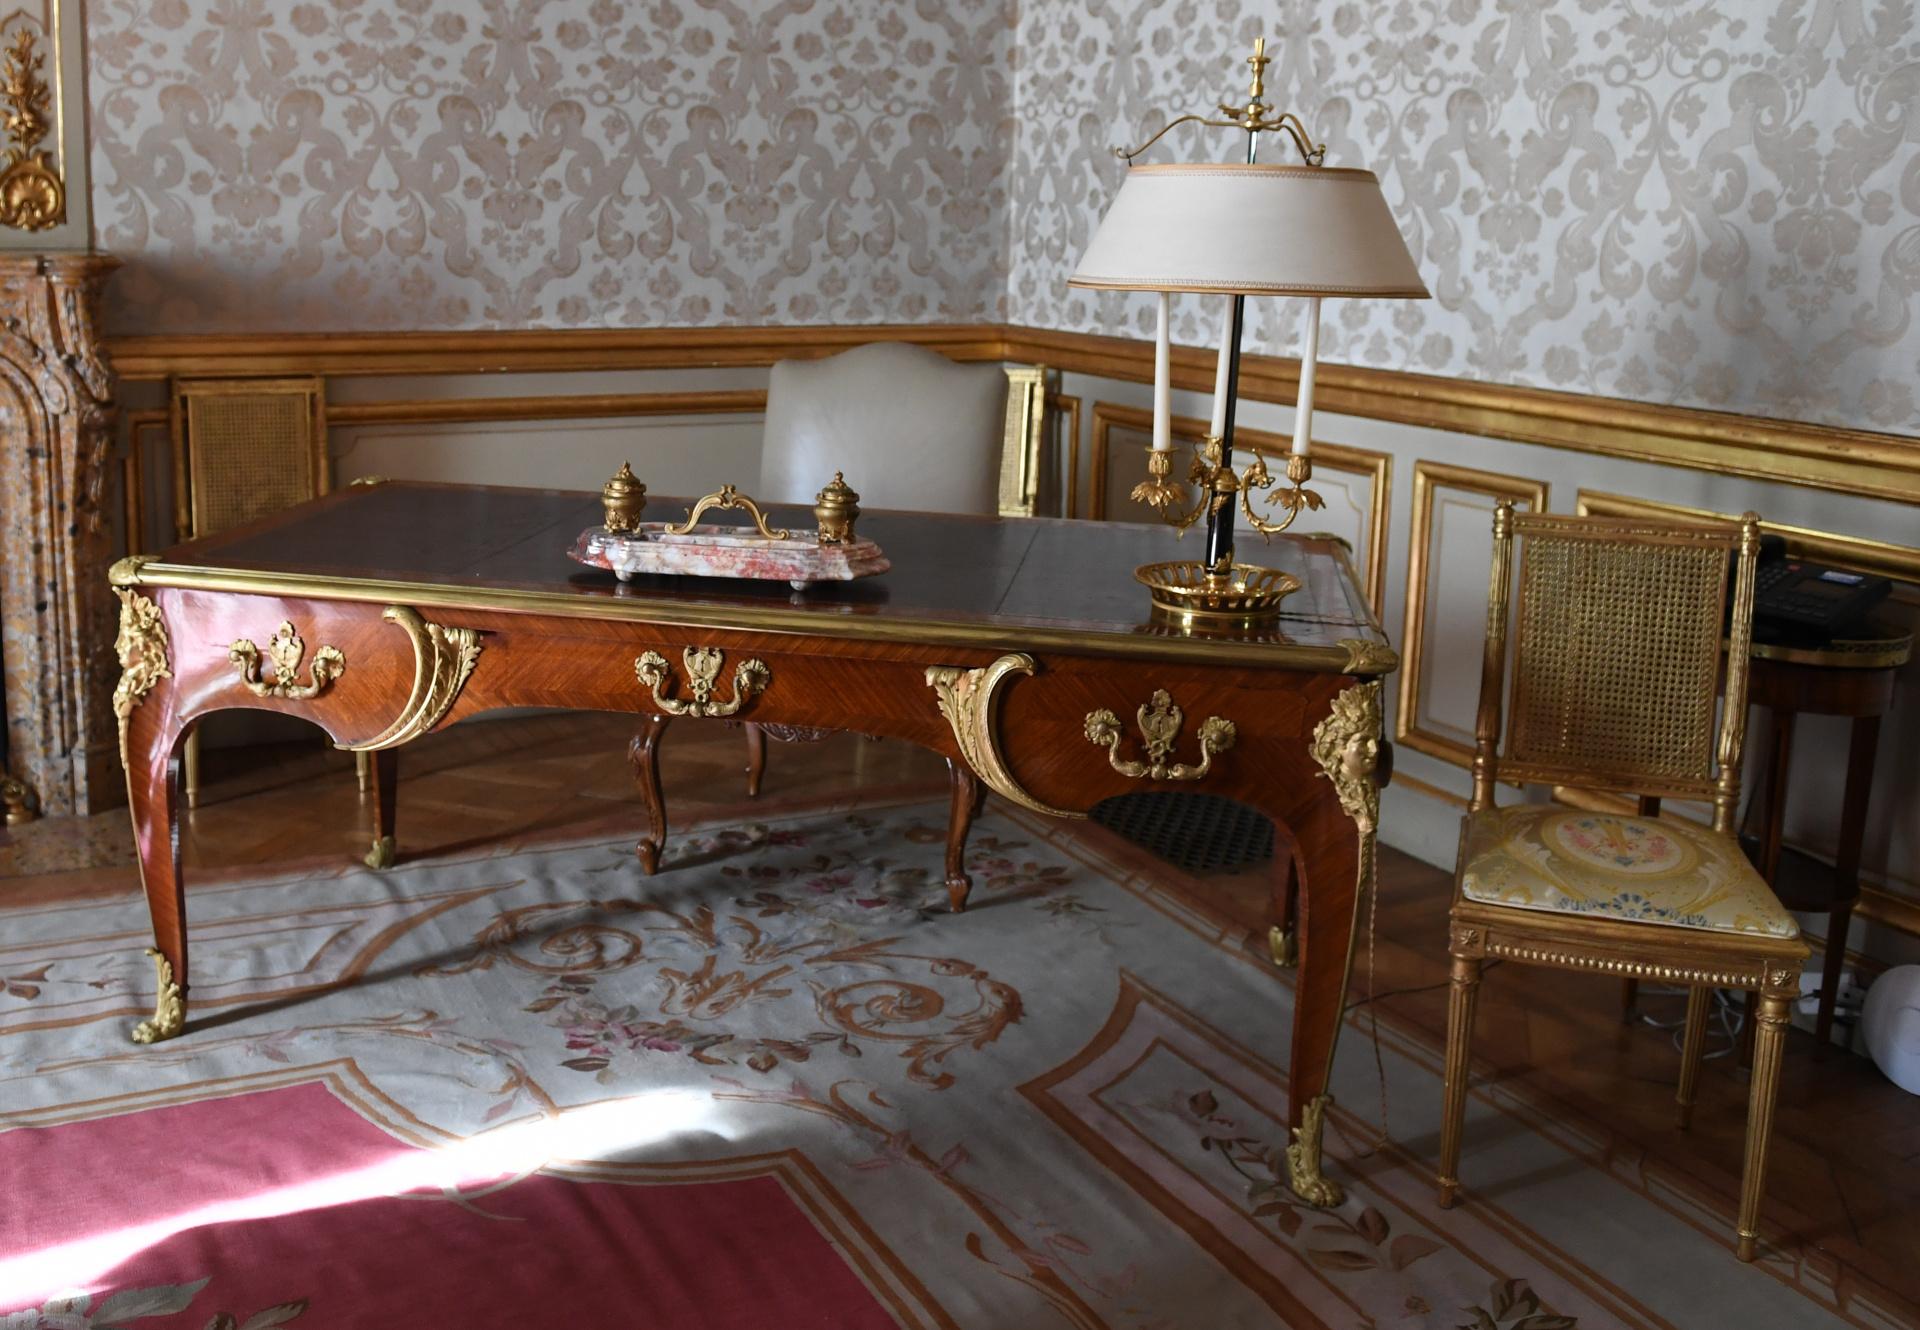 El escritorio de roble con ornamentos bañados en oro. Bosch no tenía planes de vender su residencia. Sin embargo, pidió 3 millones de dólares al entonces embajador Robert Bliss , una exorbitante cifra para la época